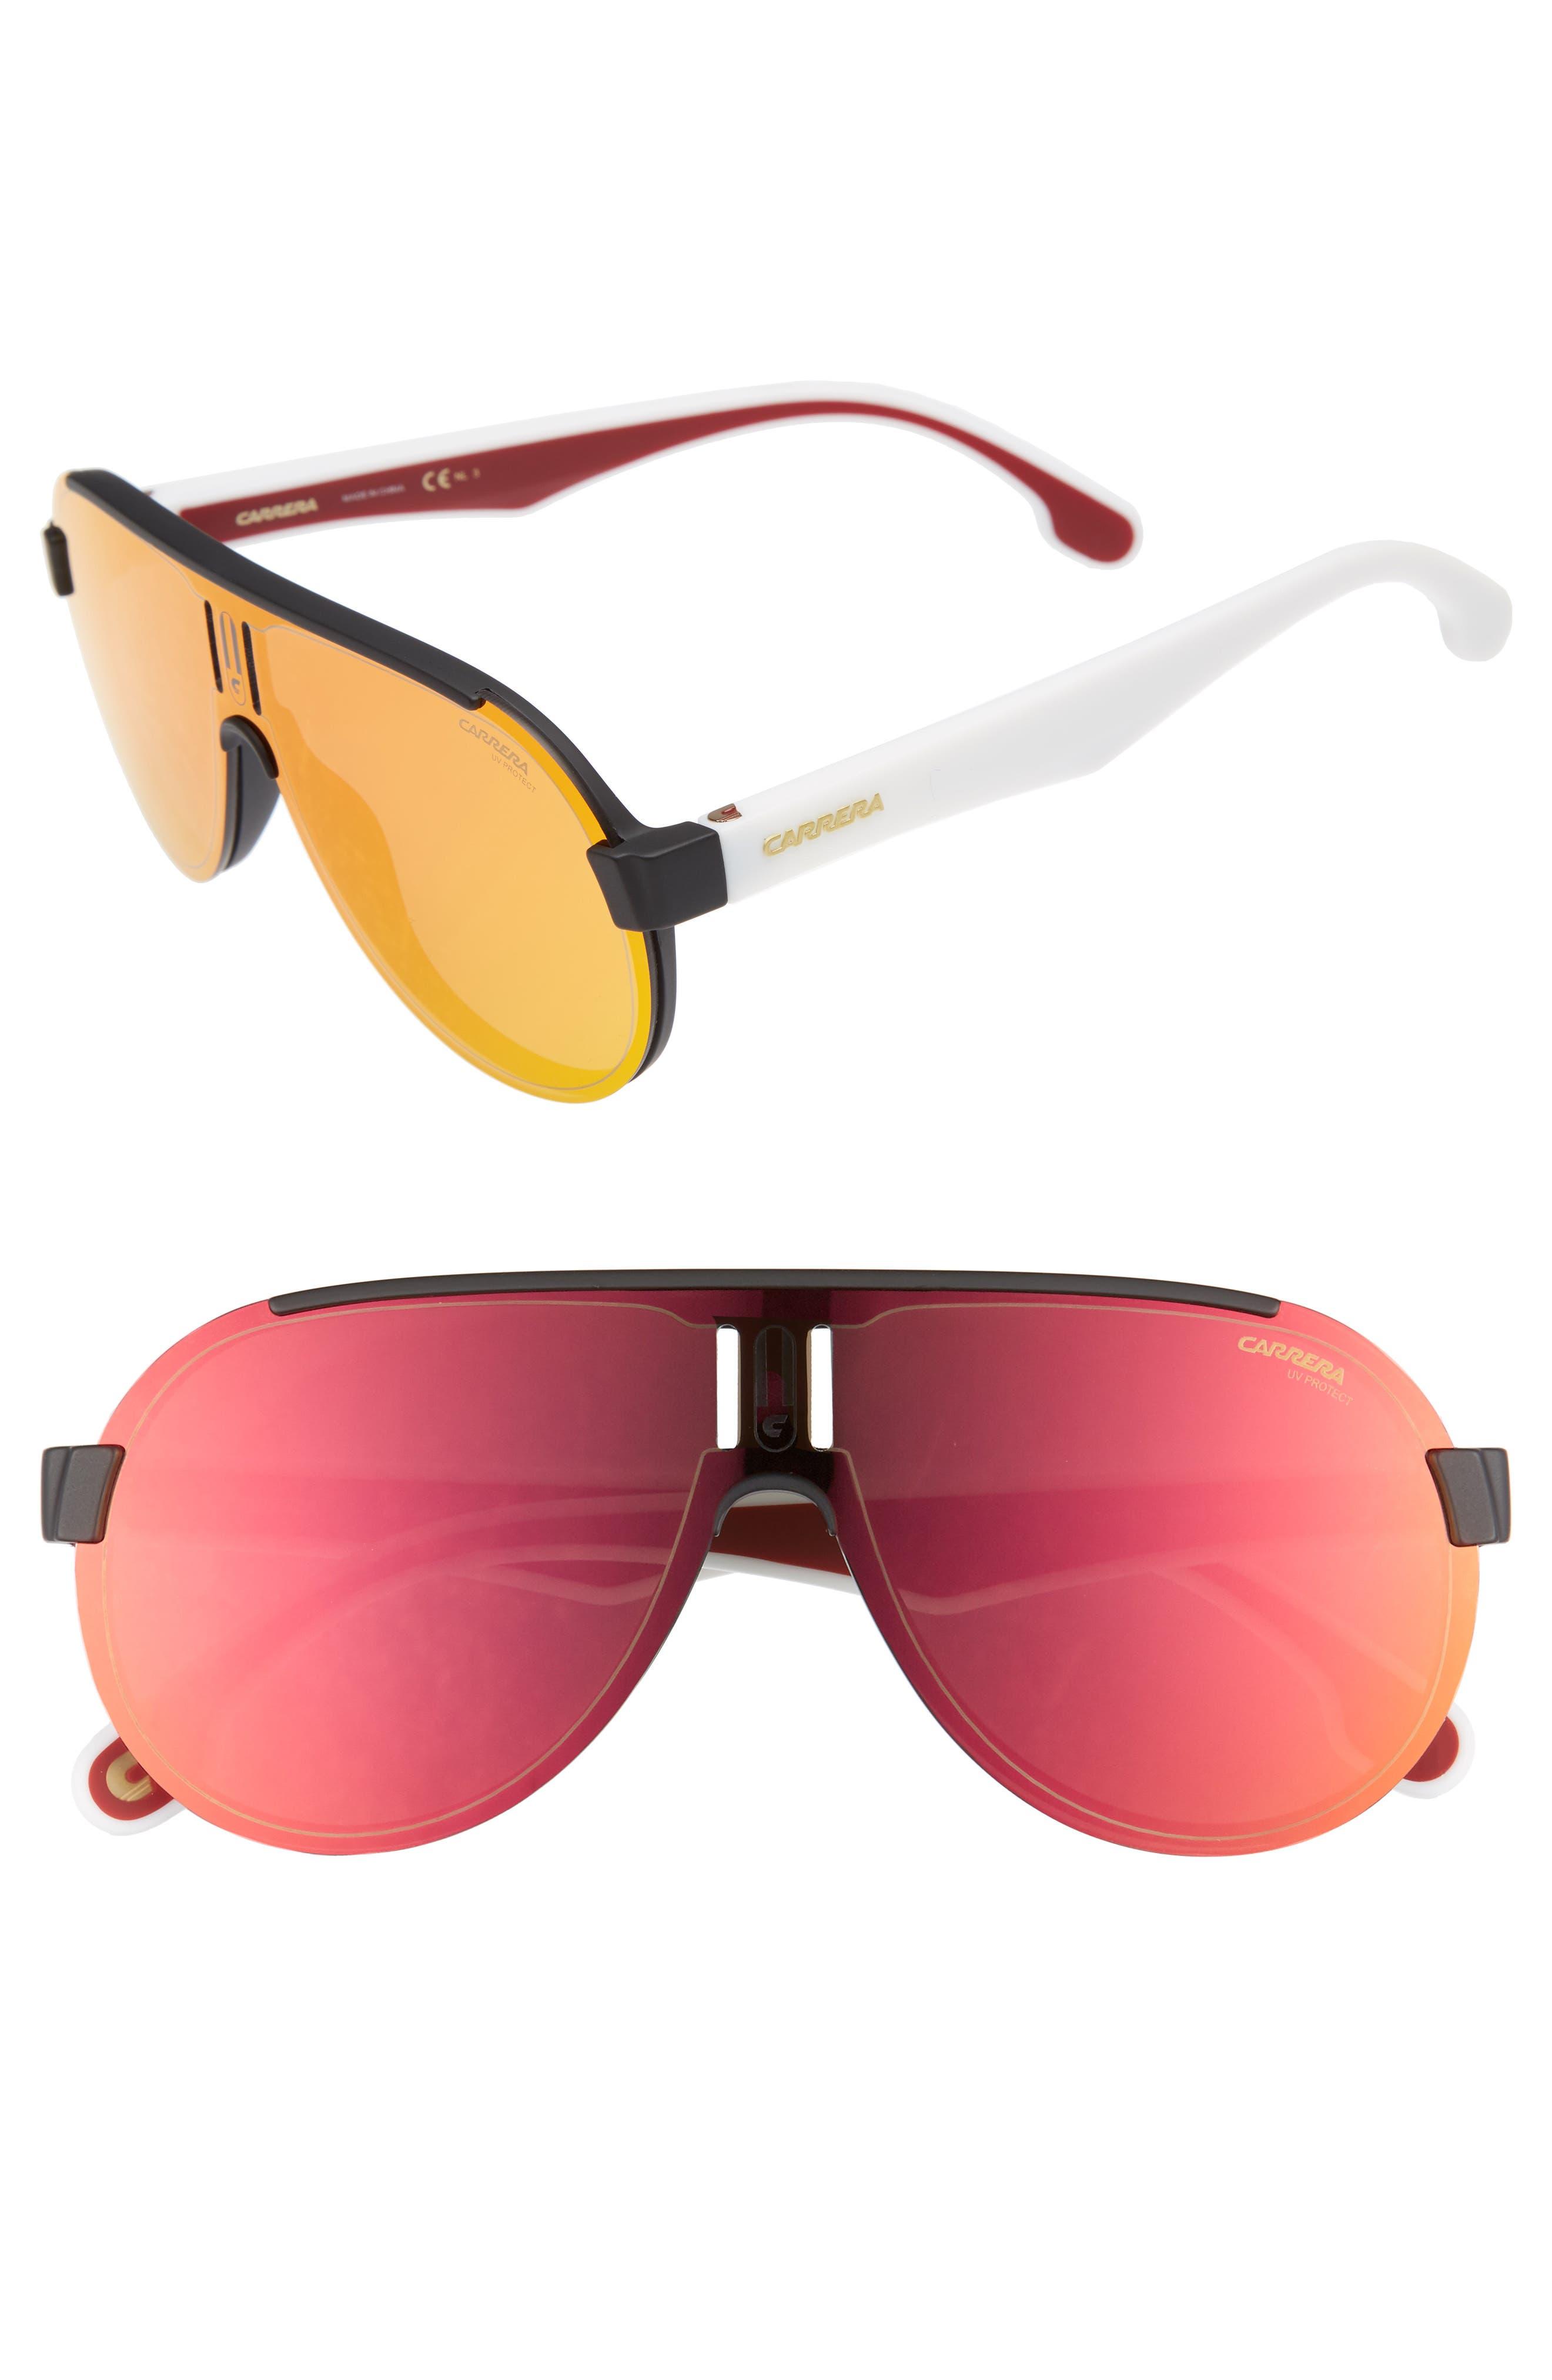 99mm Shield Sunglasses,                         Main,                         color, Matte Black White/ Red Mirror